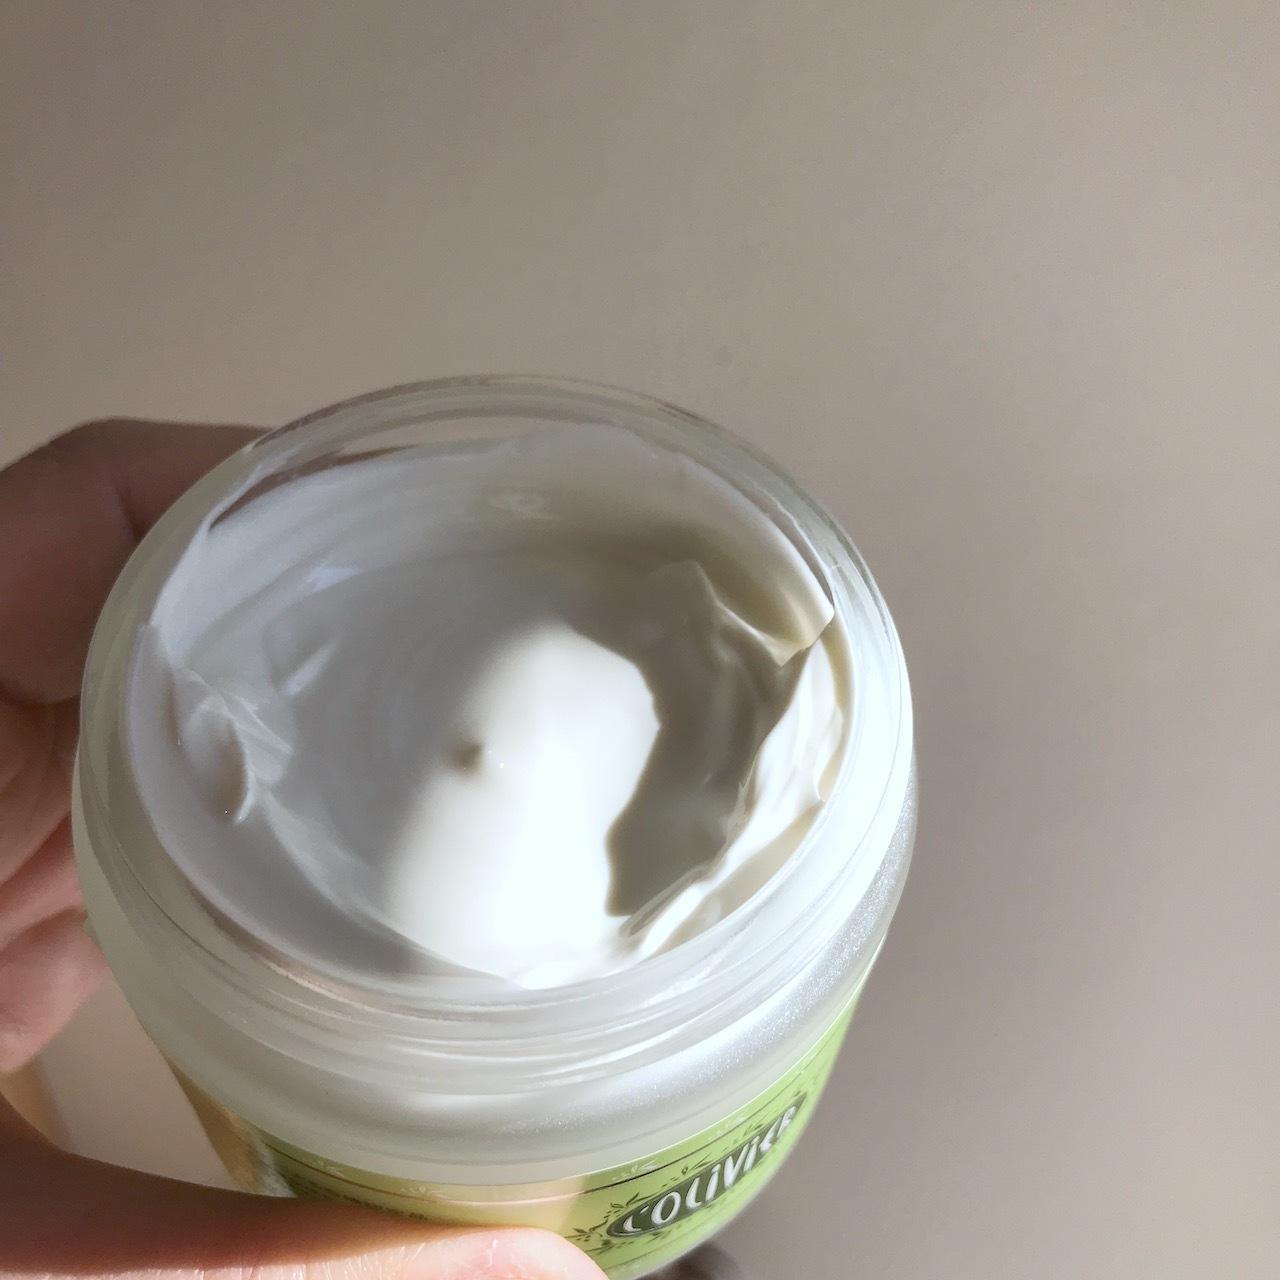 """"""" L'olivier Bio / Crème Hydratante モイスチャークリーム ロリヴィエ (保湿クリーム)"""""""